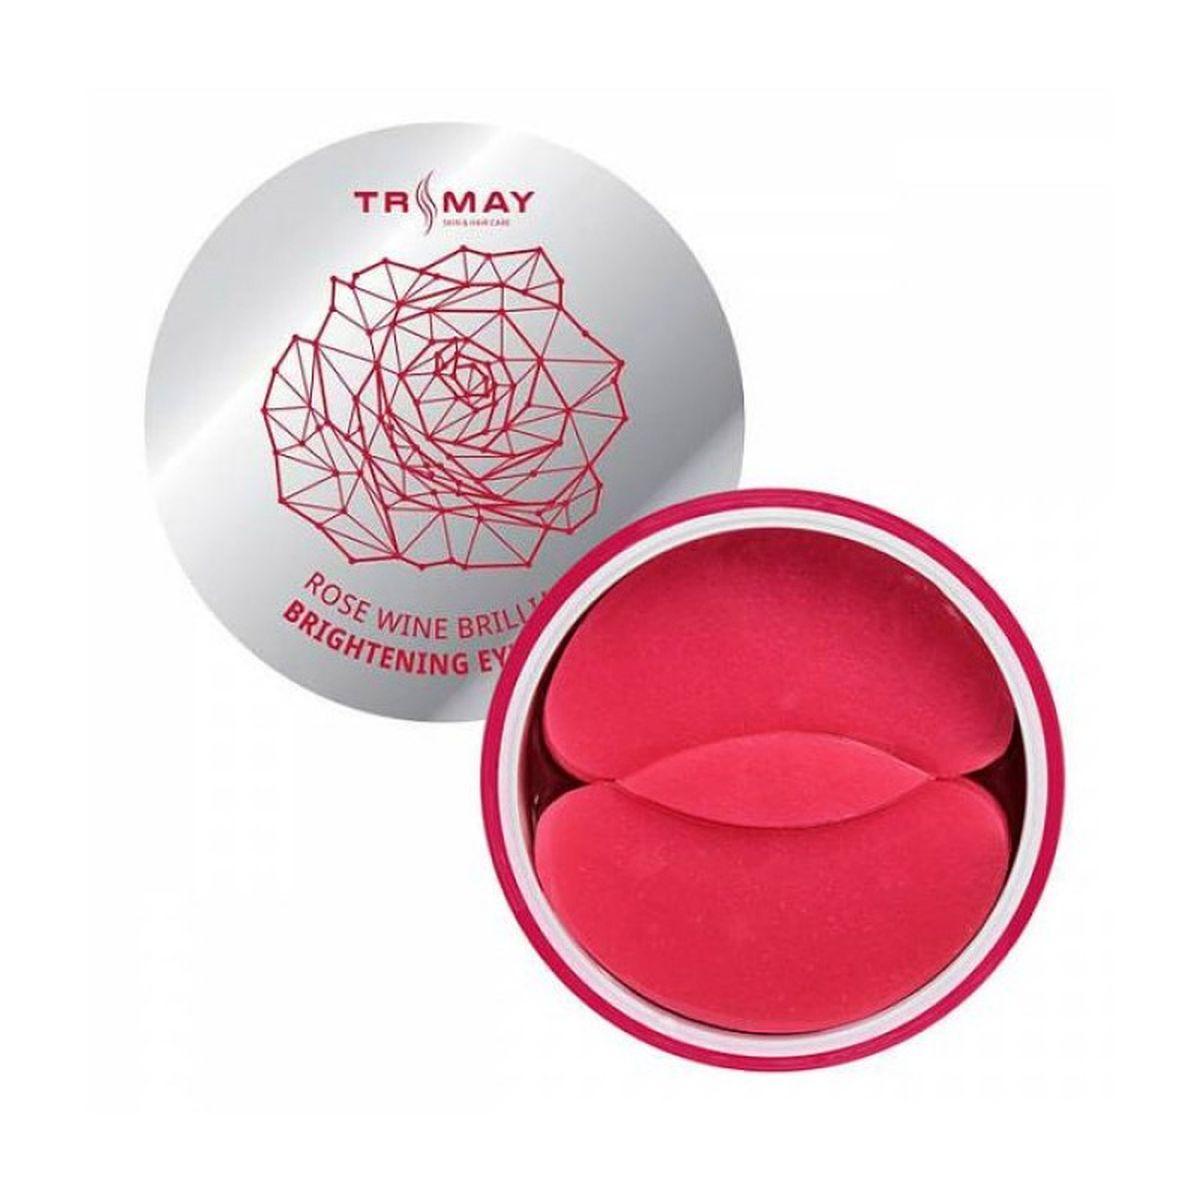 Осветляющие гидрогелевые патчи для глаз с вином TRIMAY Rose Wine Brilliant Brightening Eye Patch - 90 шт